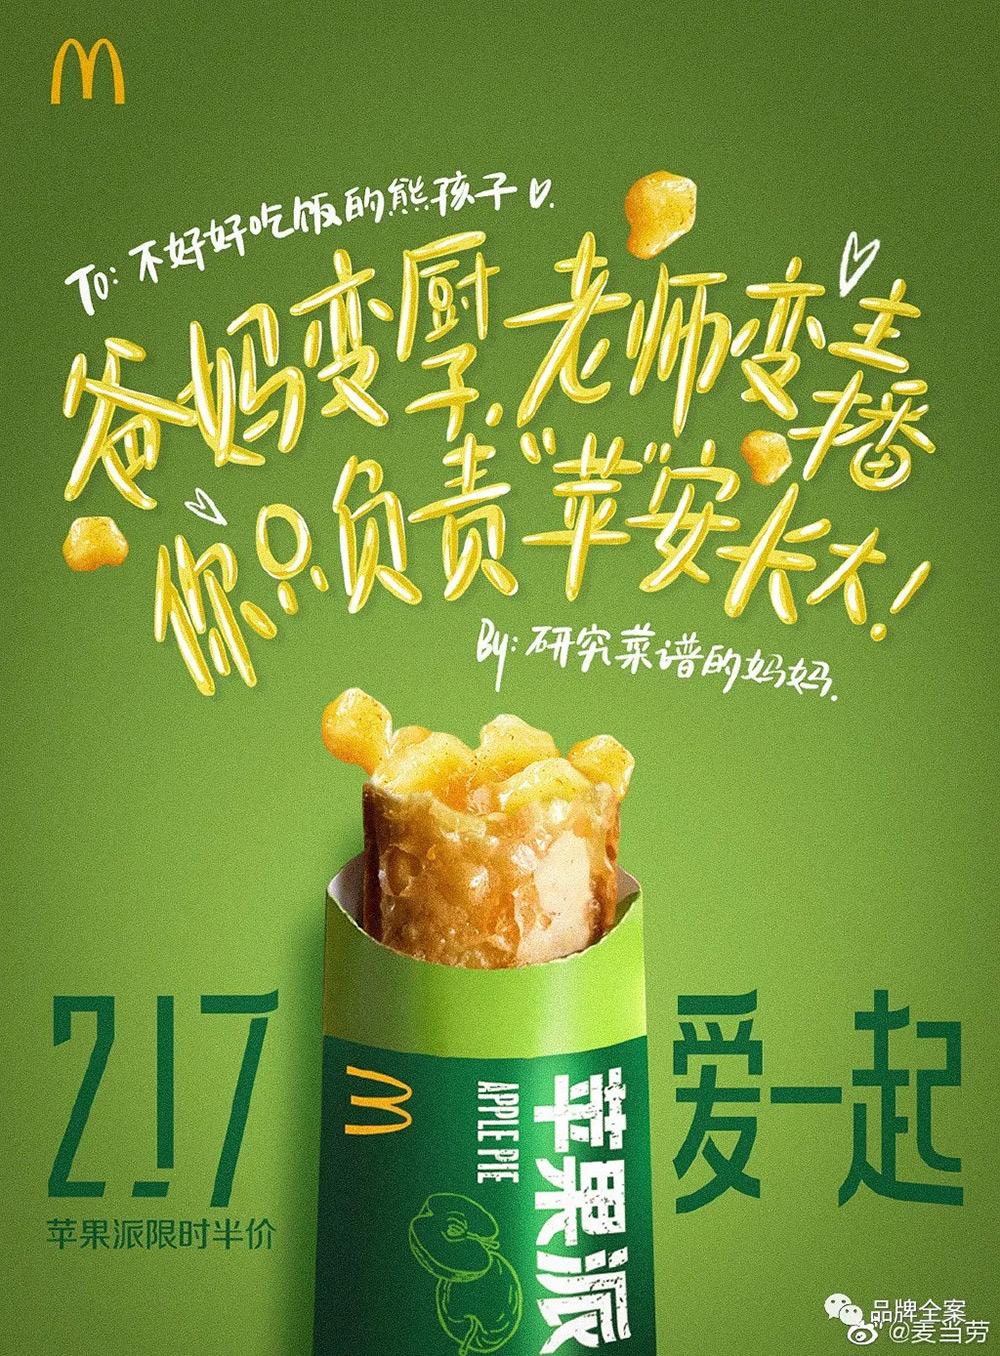 到位!麦当劳创意营销海报设计